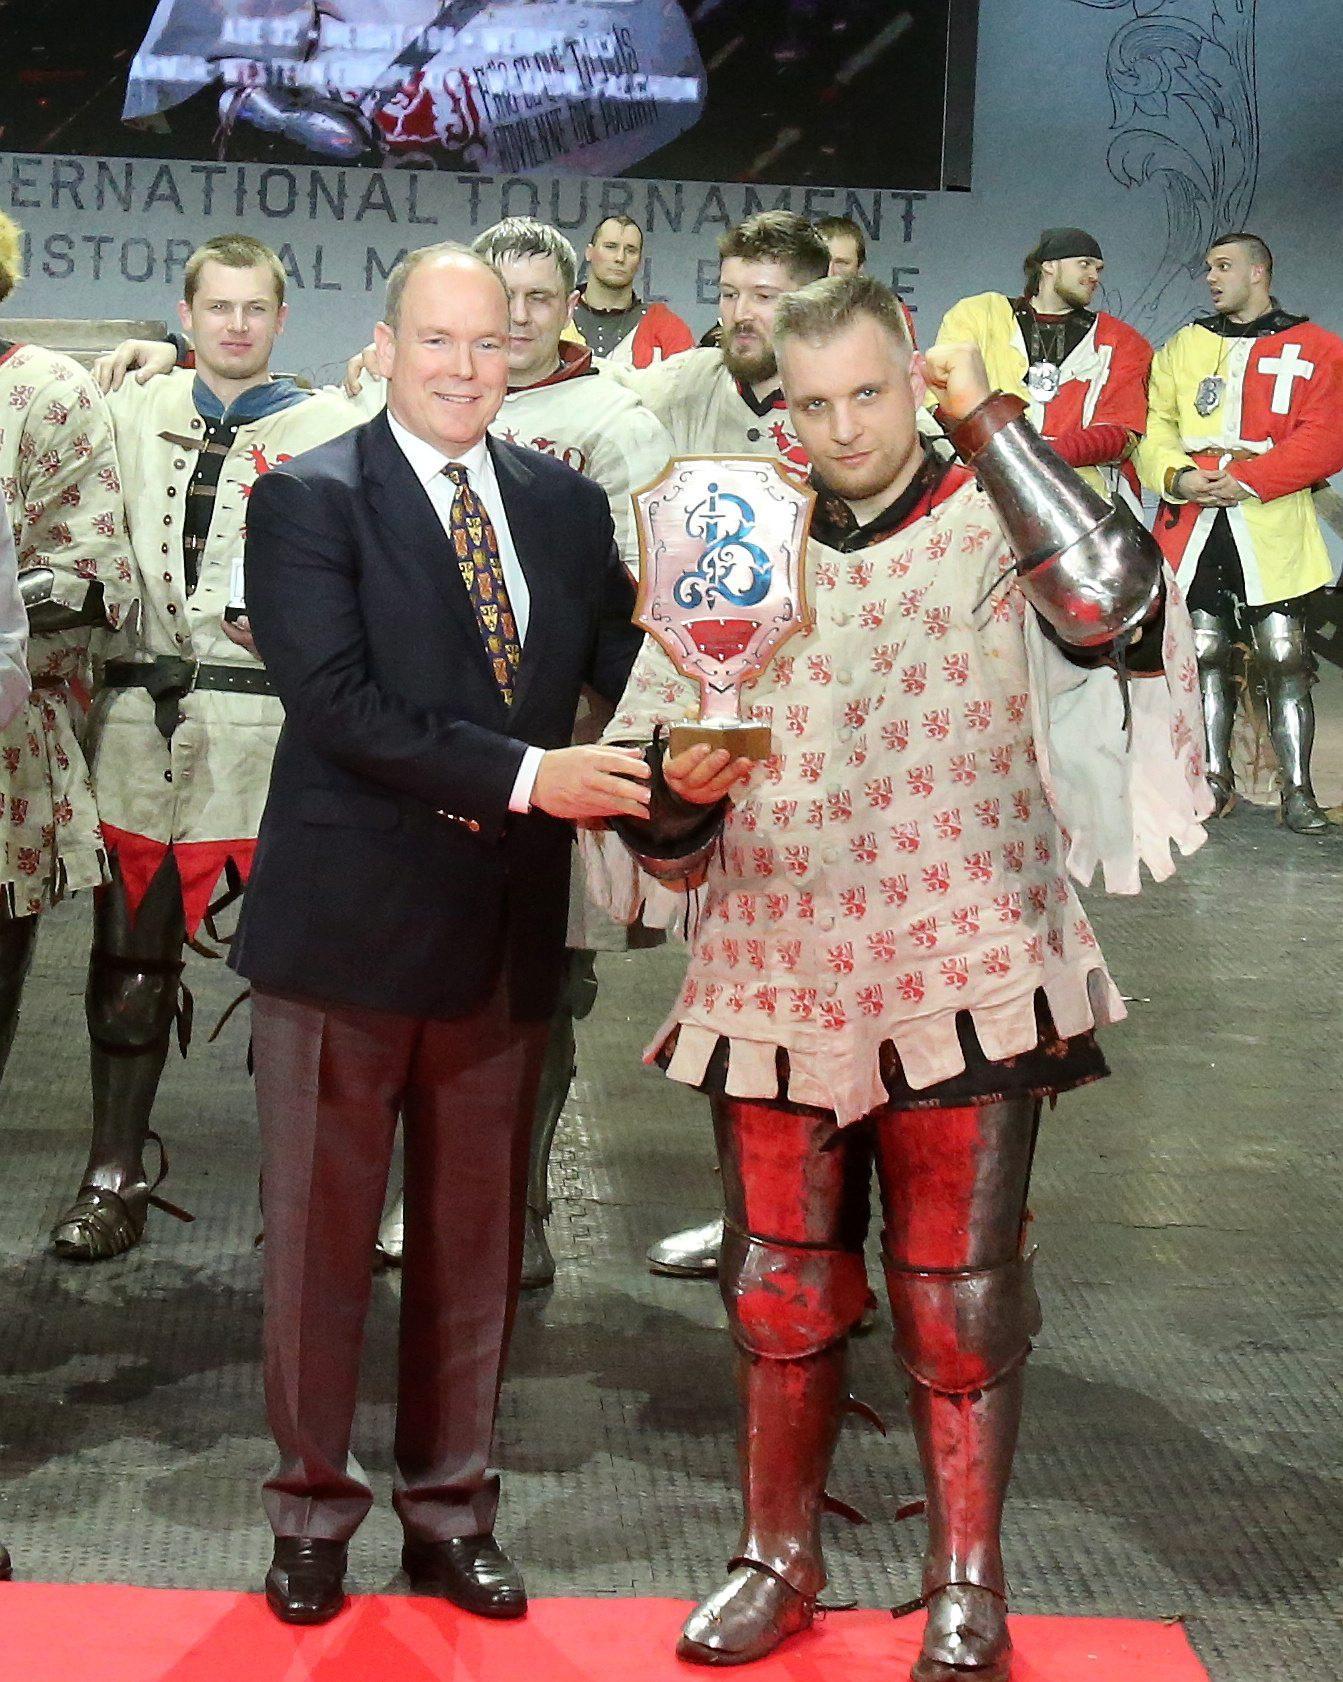 Le capitaine de l'équipe Bayard, Sergey Ukolov, recompensé par le souverain au terme de la victoire de son équipe pour ce premier Buhurt Prime.